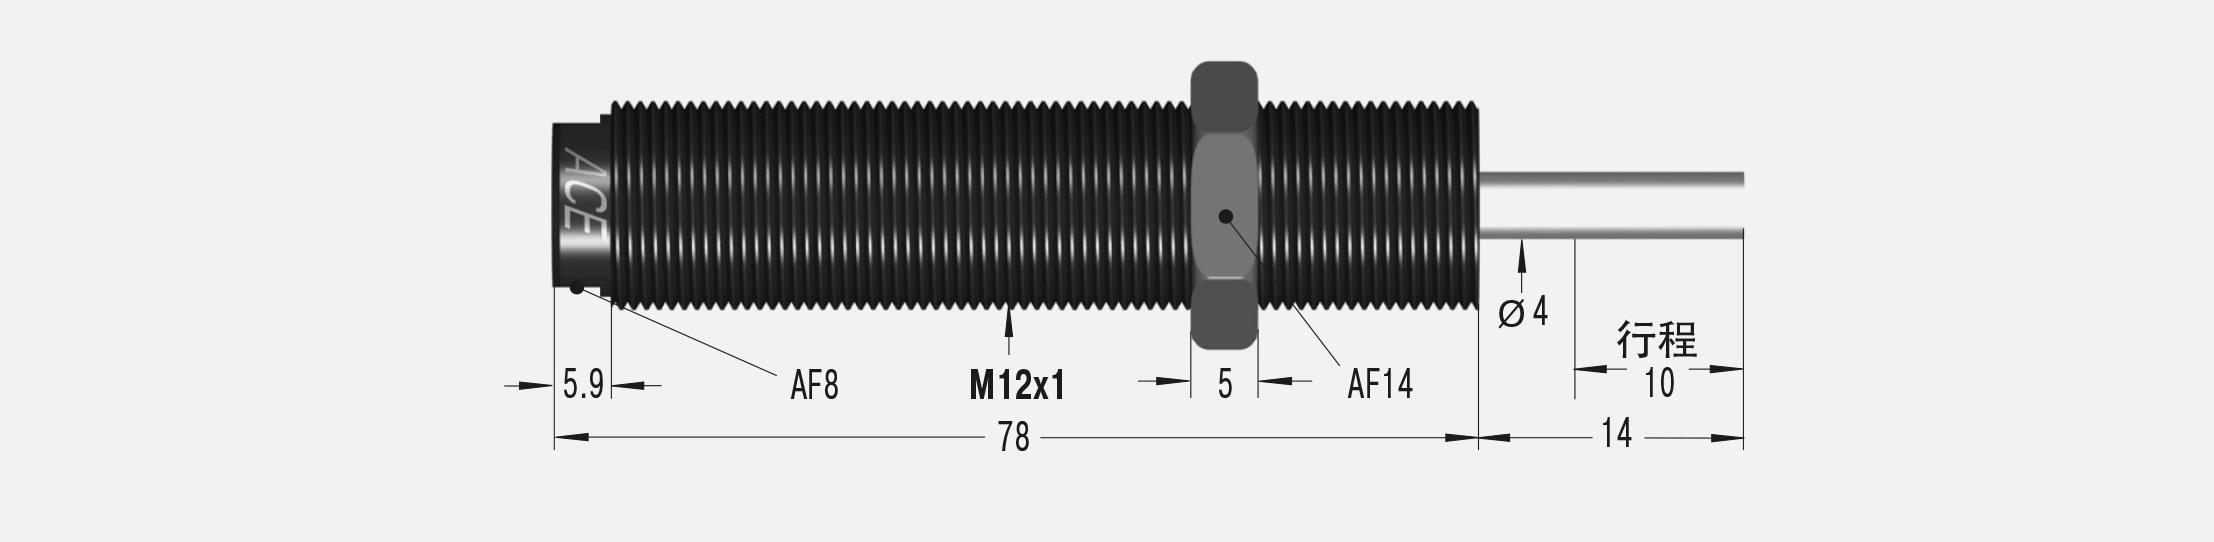 SC75M-5